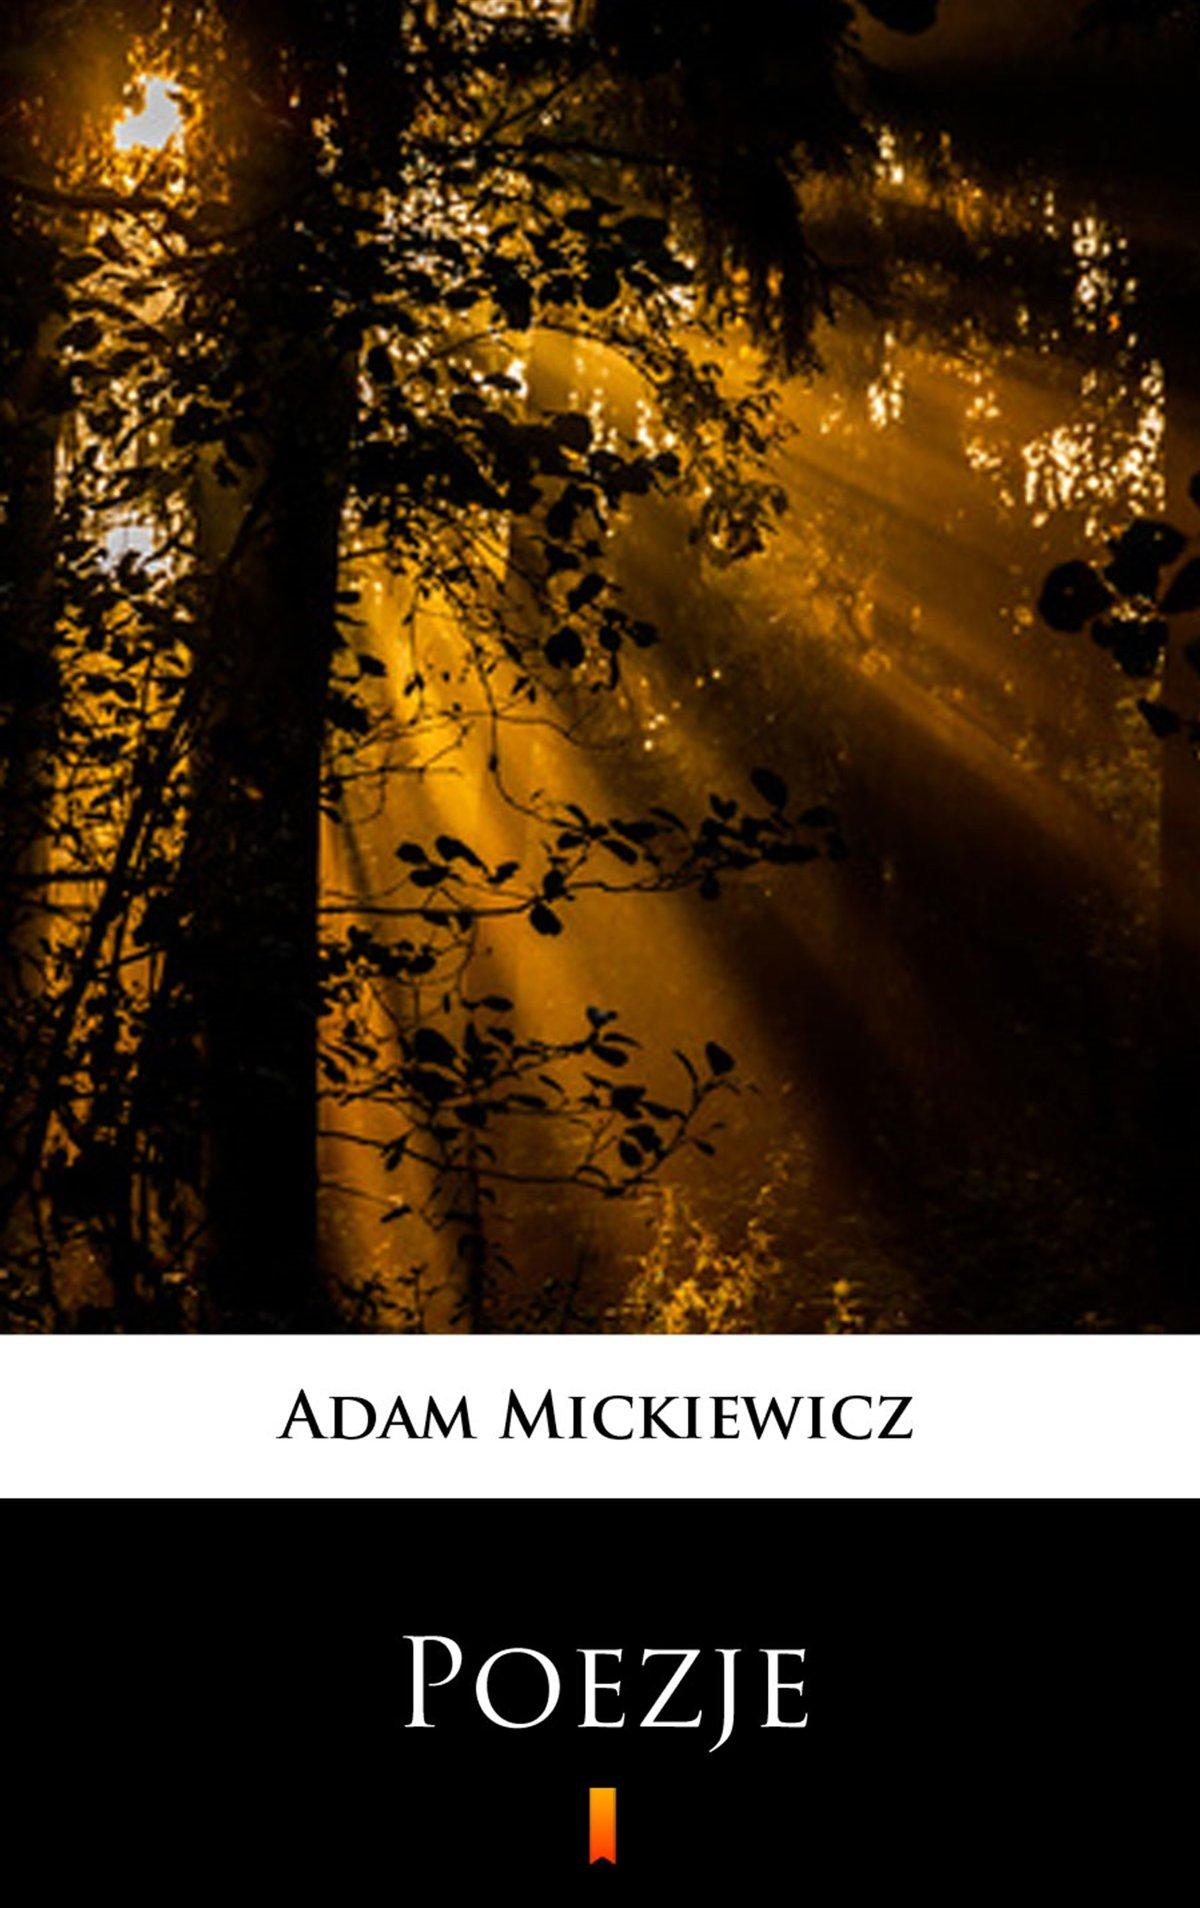 Poezje - Ebook (Książka EPUB) do pobrania w formacie EPUB